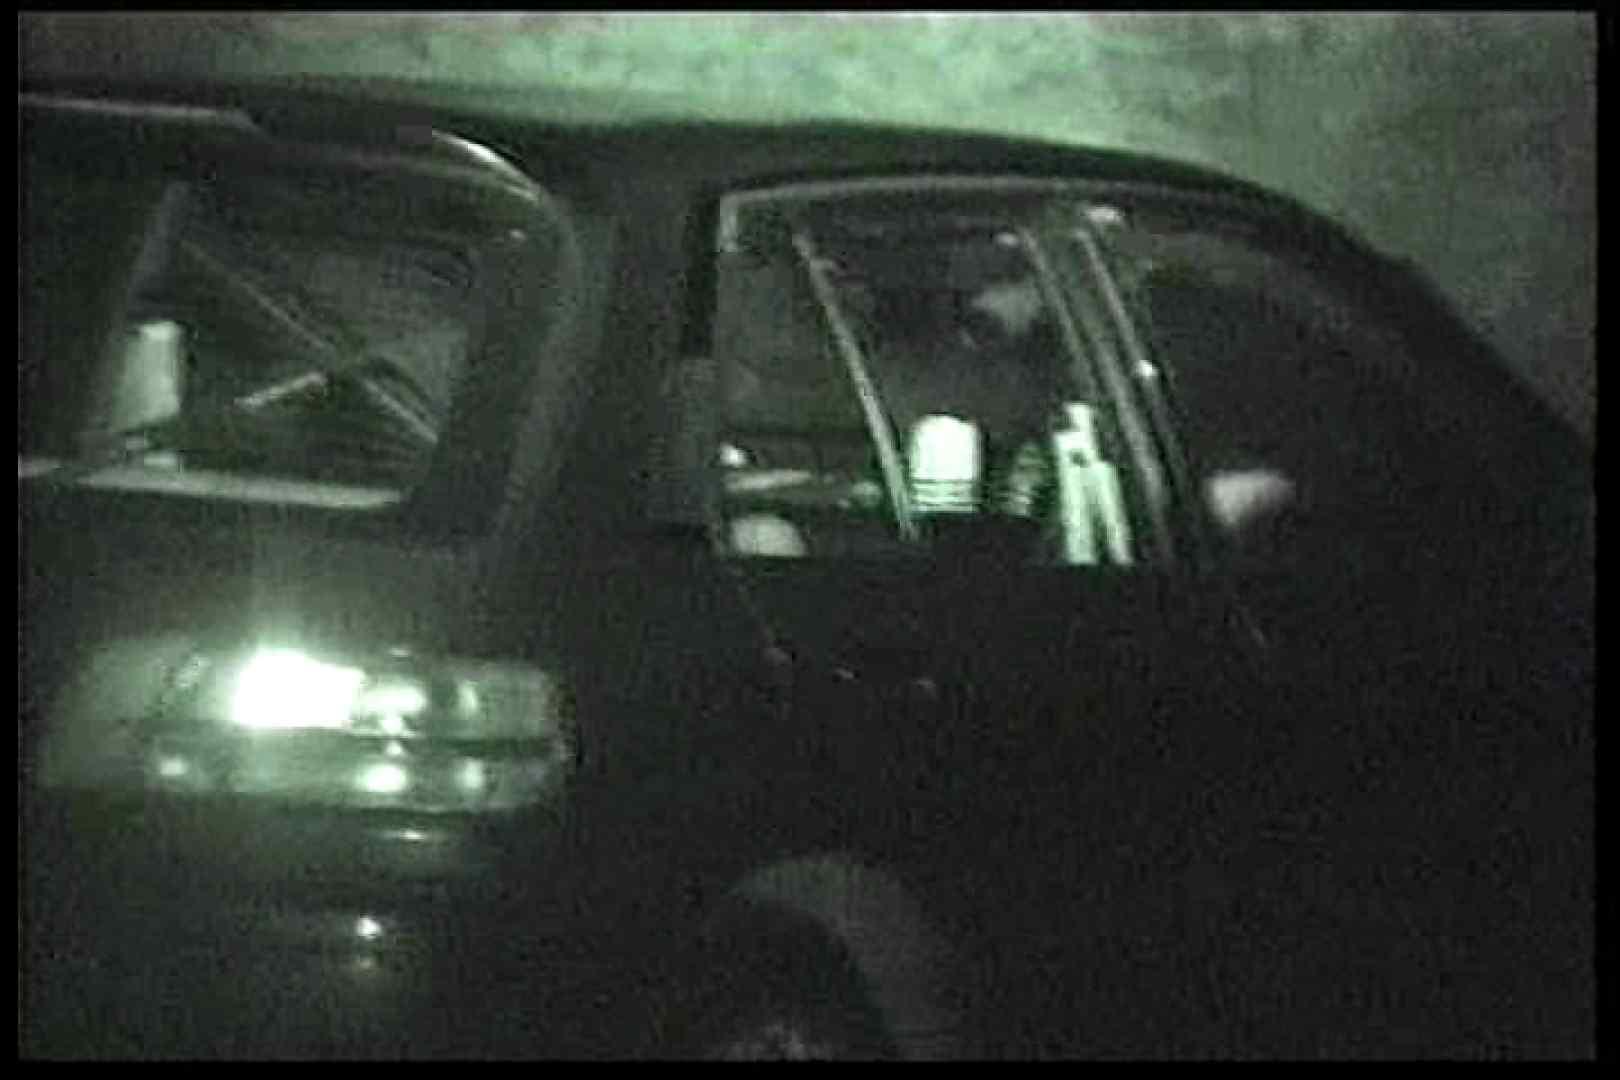 車の中はラブホテル 無修正版  Vol.11 いやらしいOL AV動画キャプチャ 34連発 29